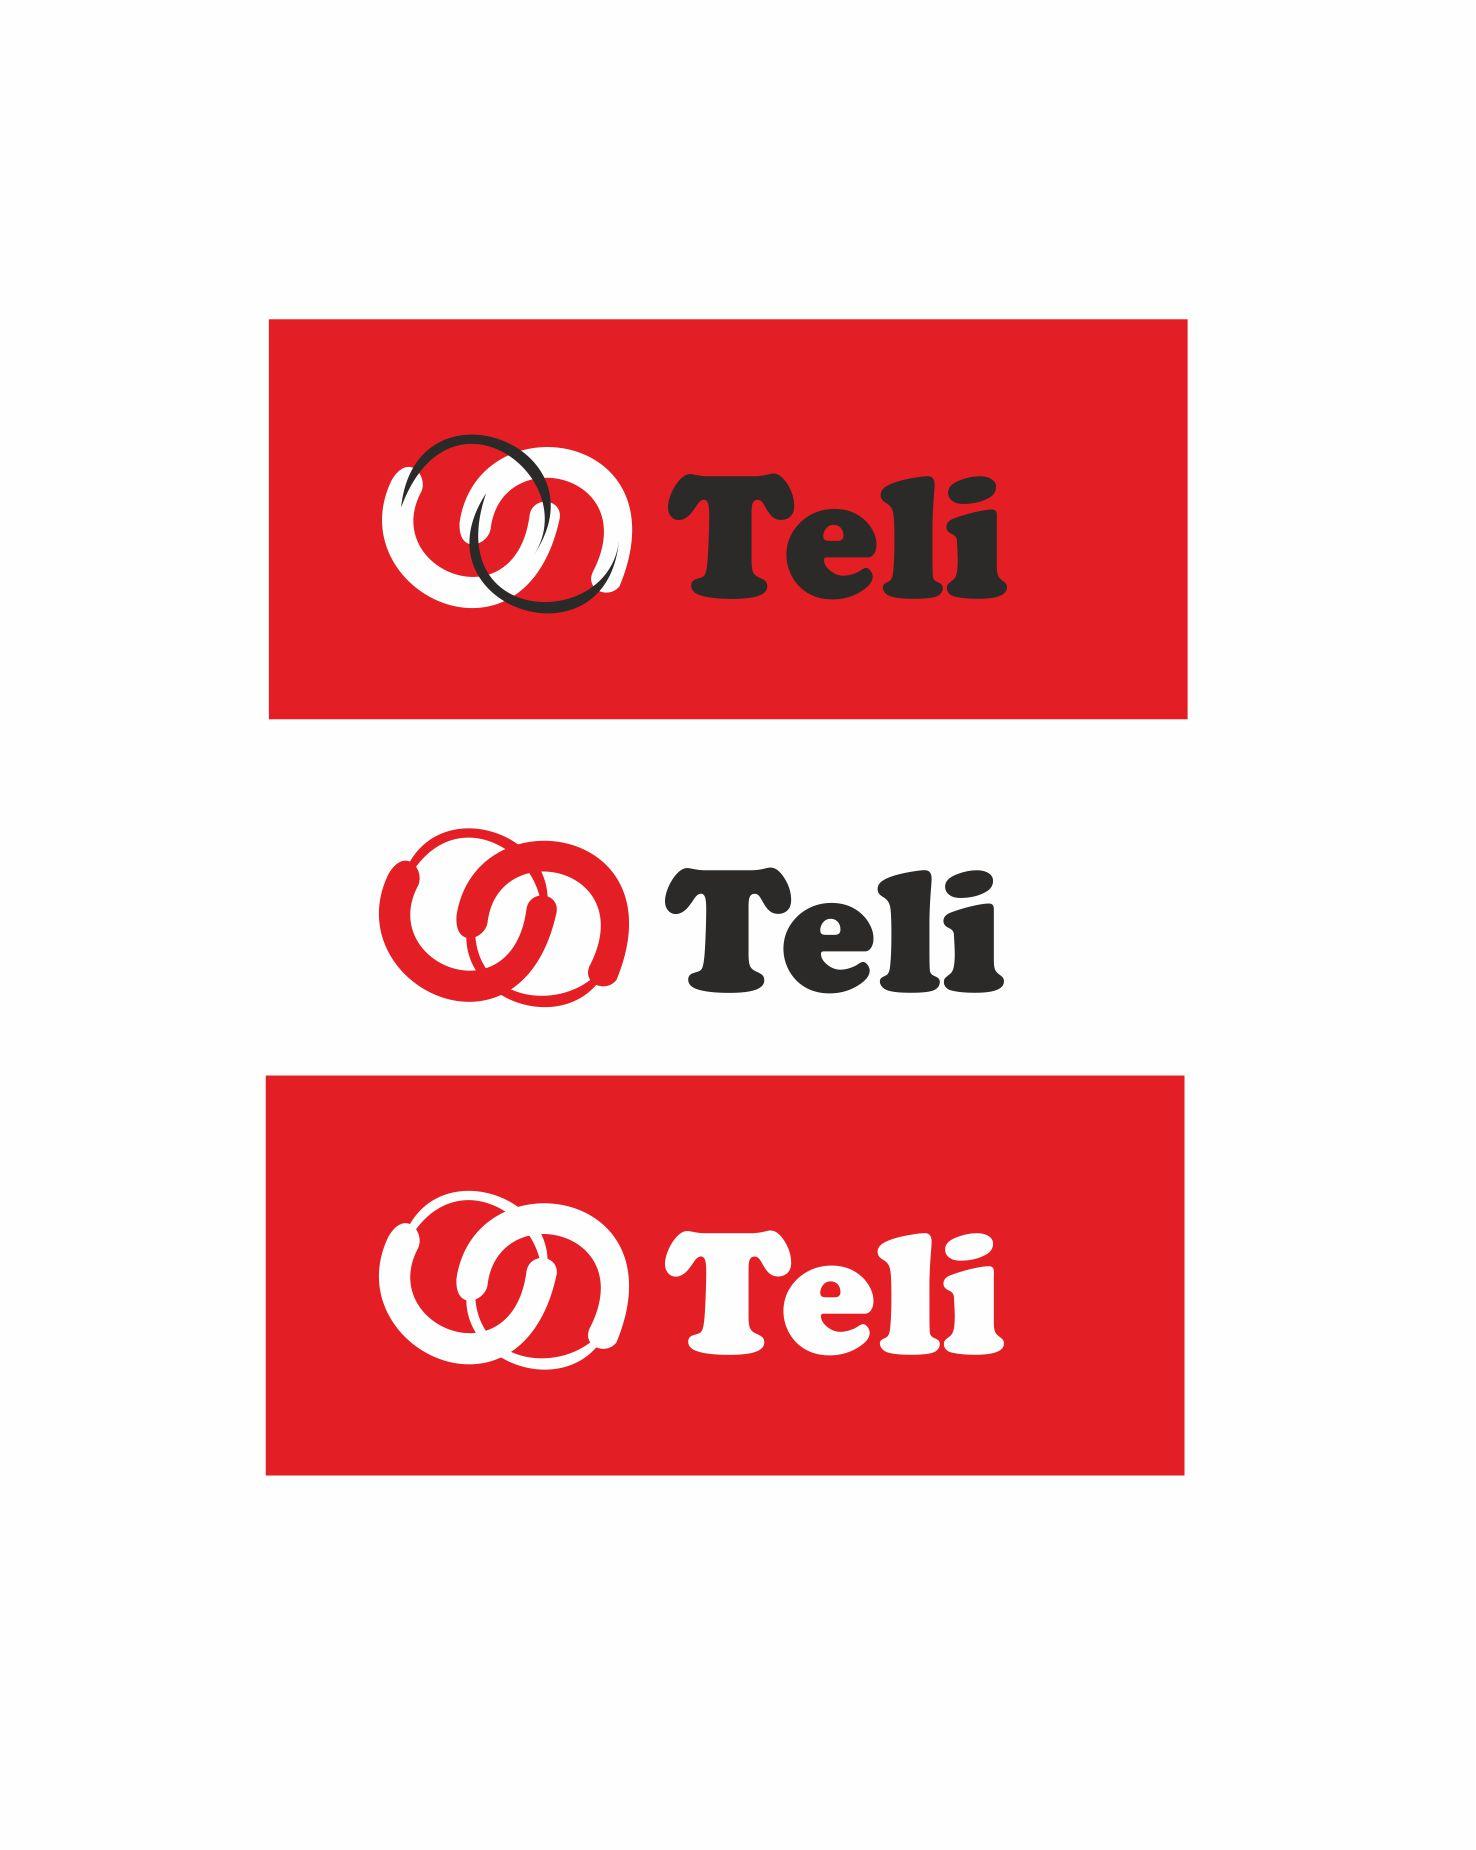 Разработка логотипа и фирменного стиля фото f_45158f882cba618d.jpg